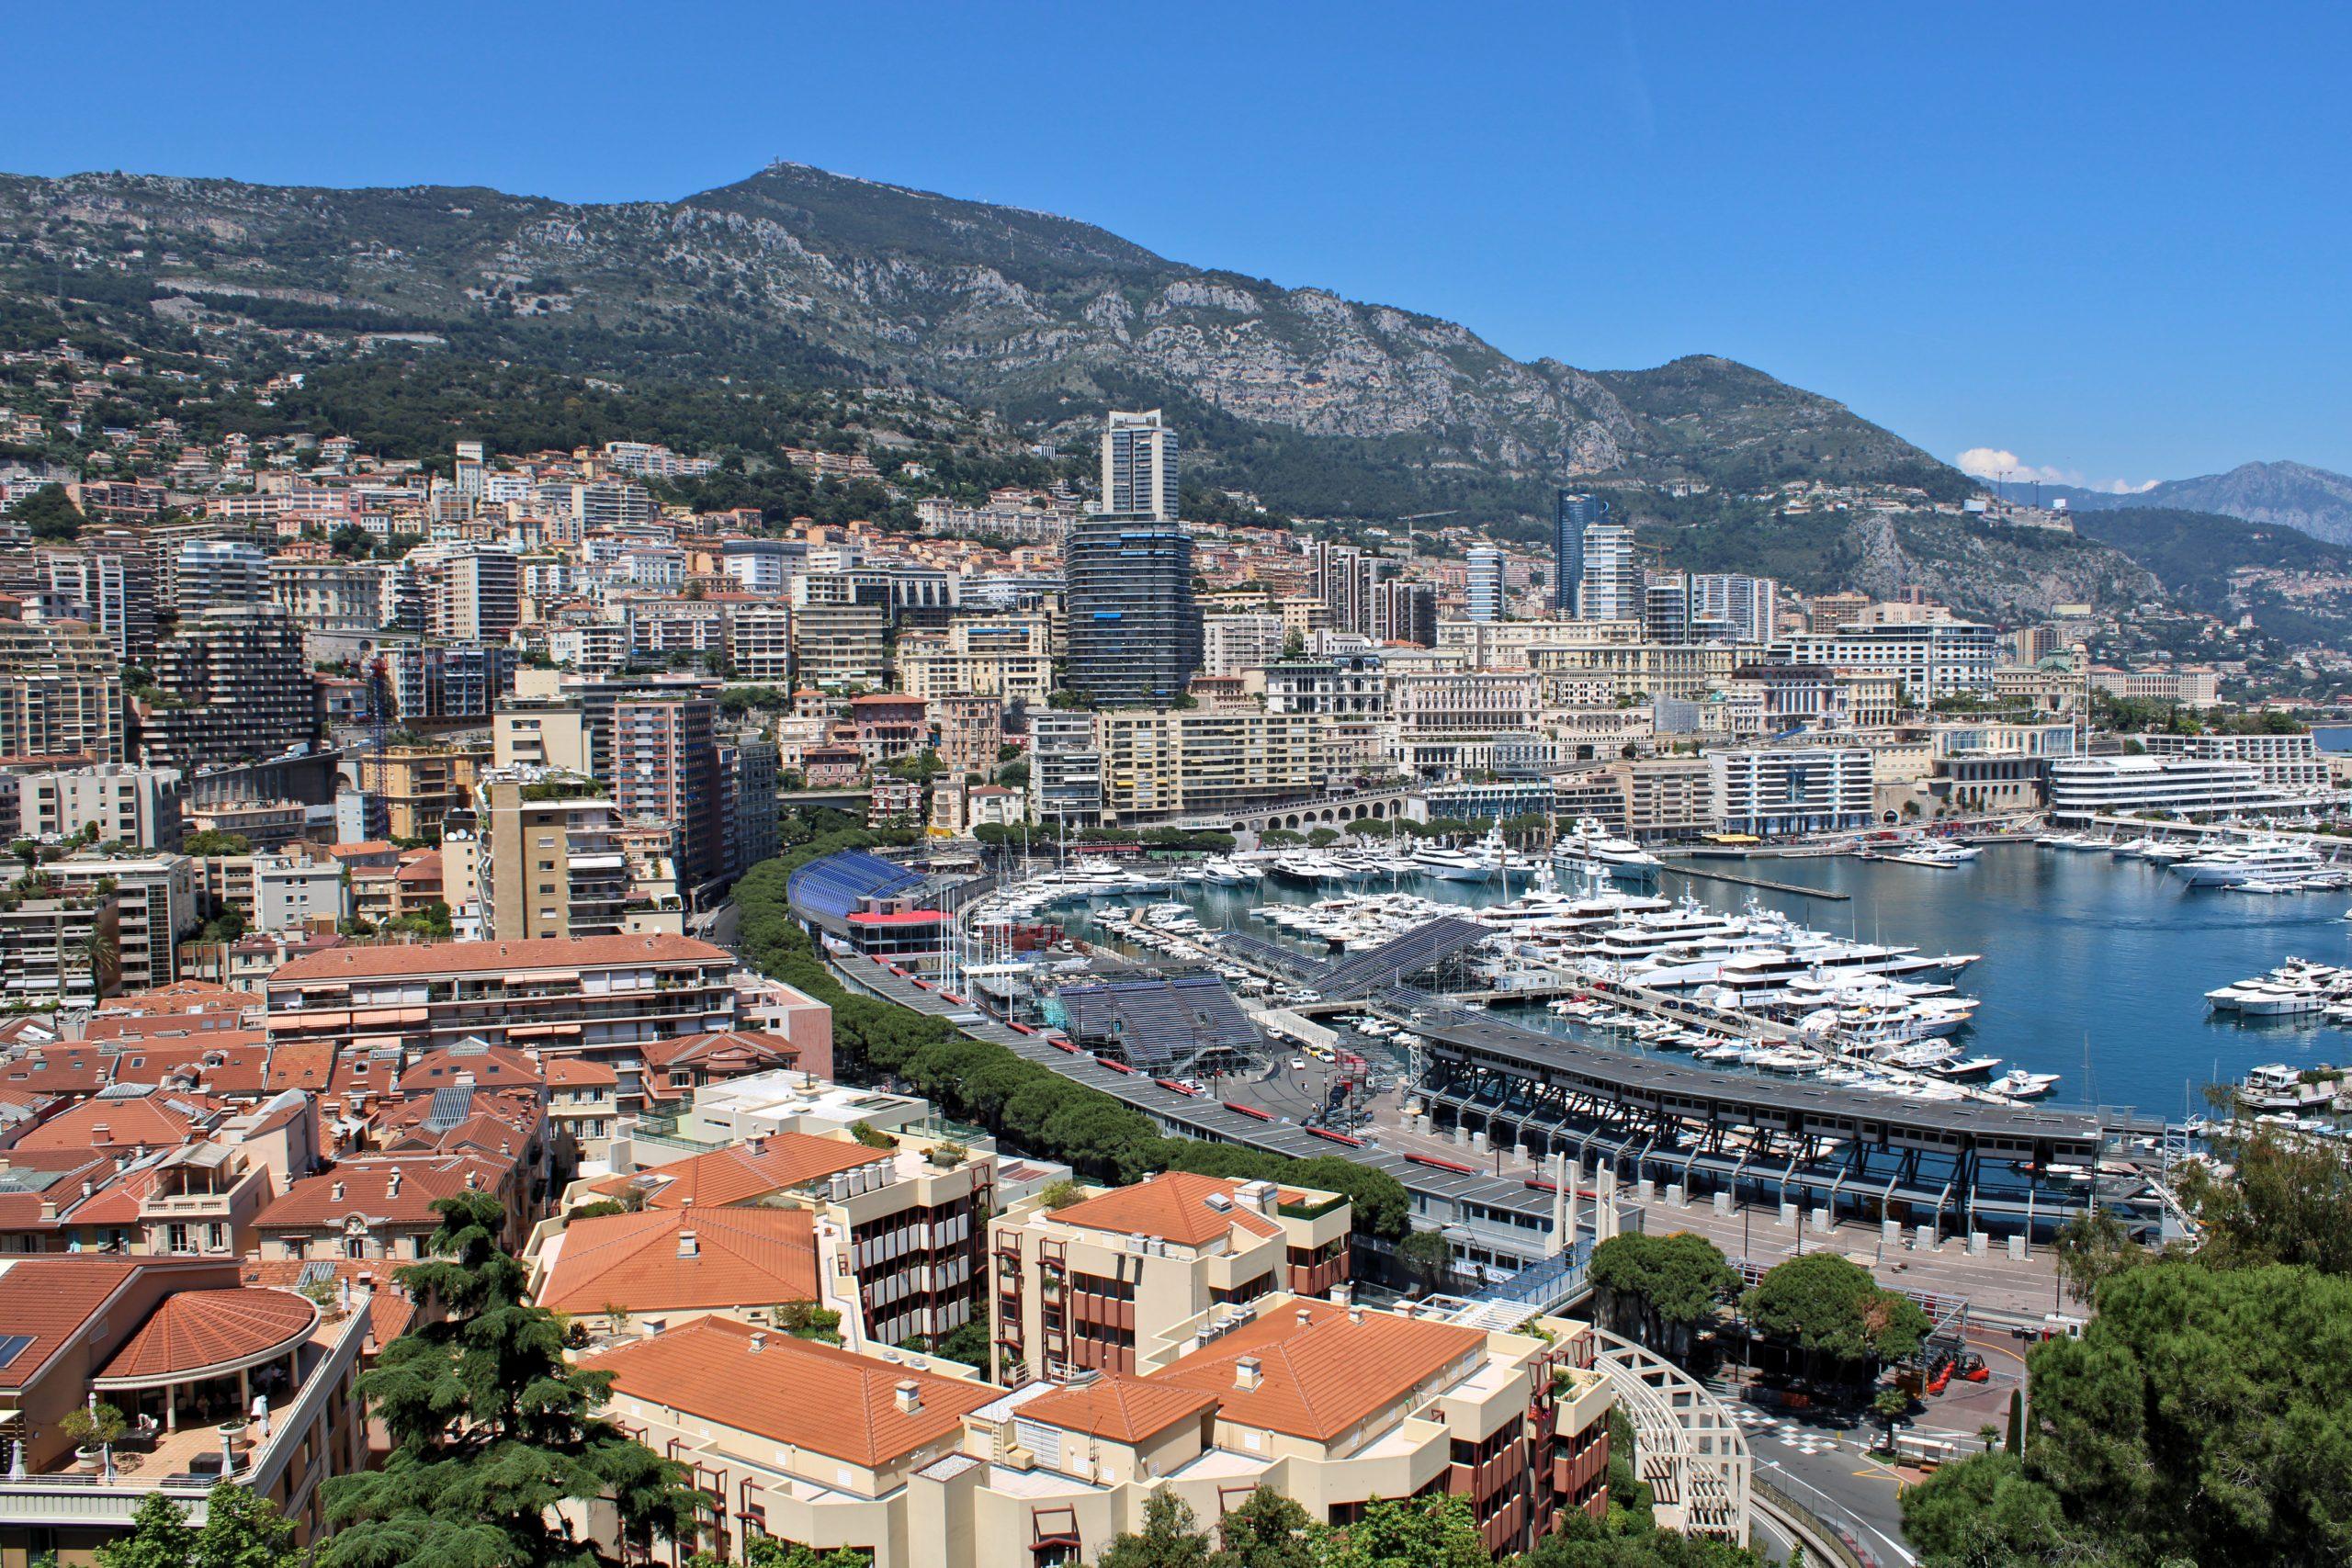 Smittetrykket er blevet for højt i Monaco, som derfor nu har orange i de danske rejsevejledninger. Det samme har Finland og Slovenien også fra i dag, torsdag, men af andre årsager. Wikipediafoto: Alexander Migl.